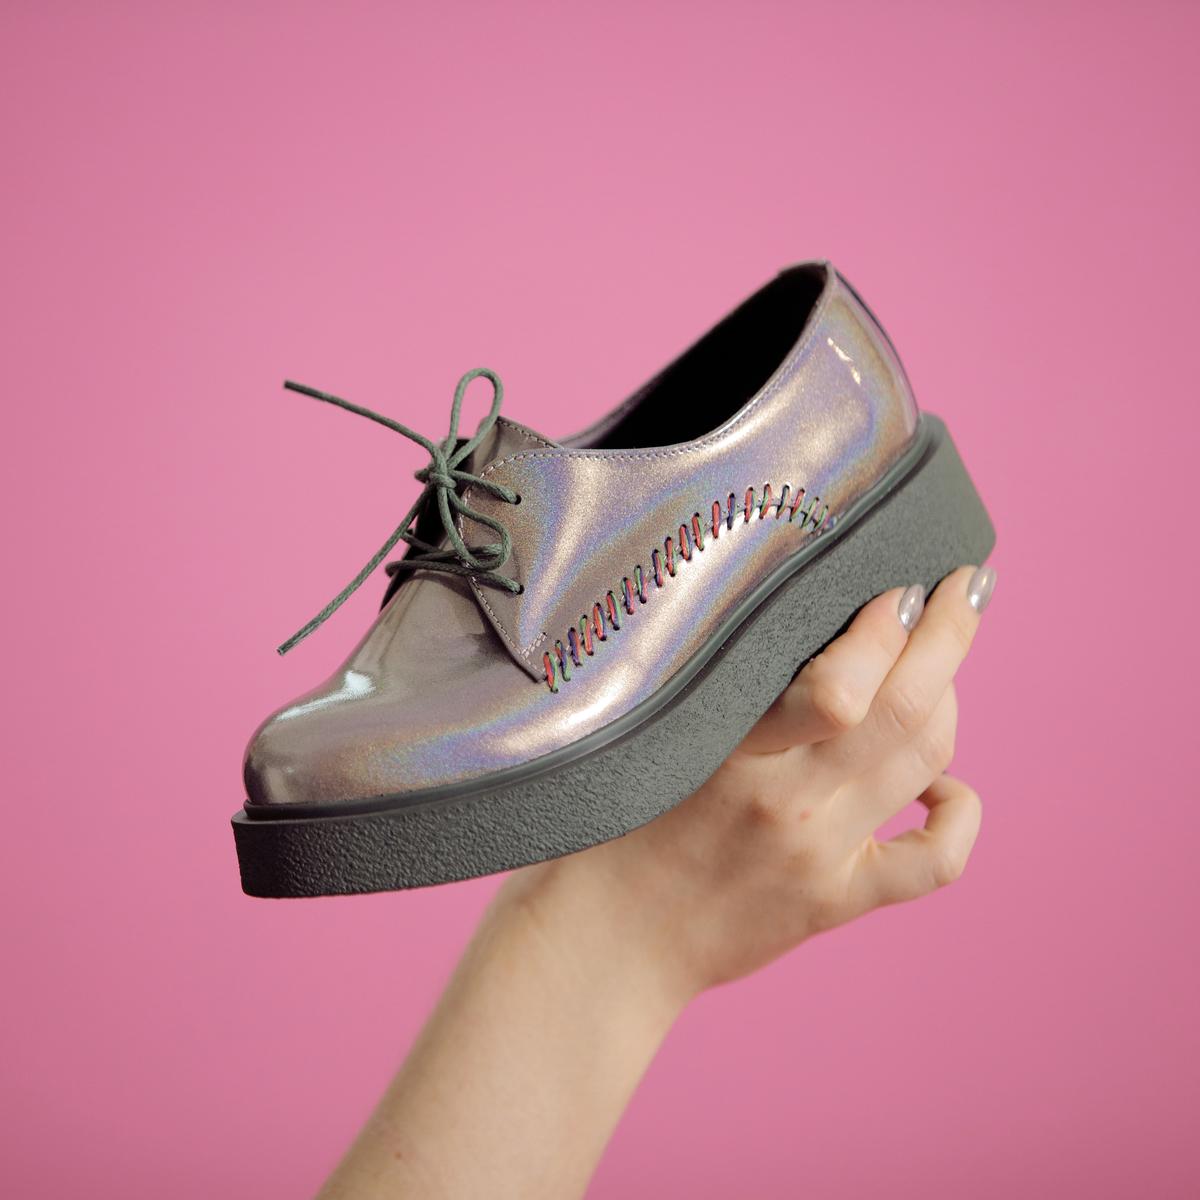 Українські бренди якісного взуття 1 1 81ed7216d7a19